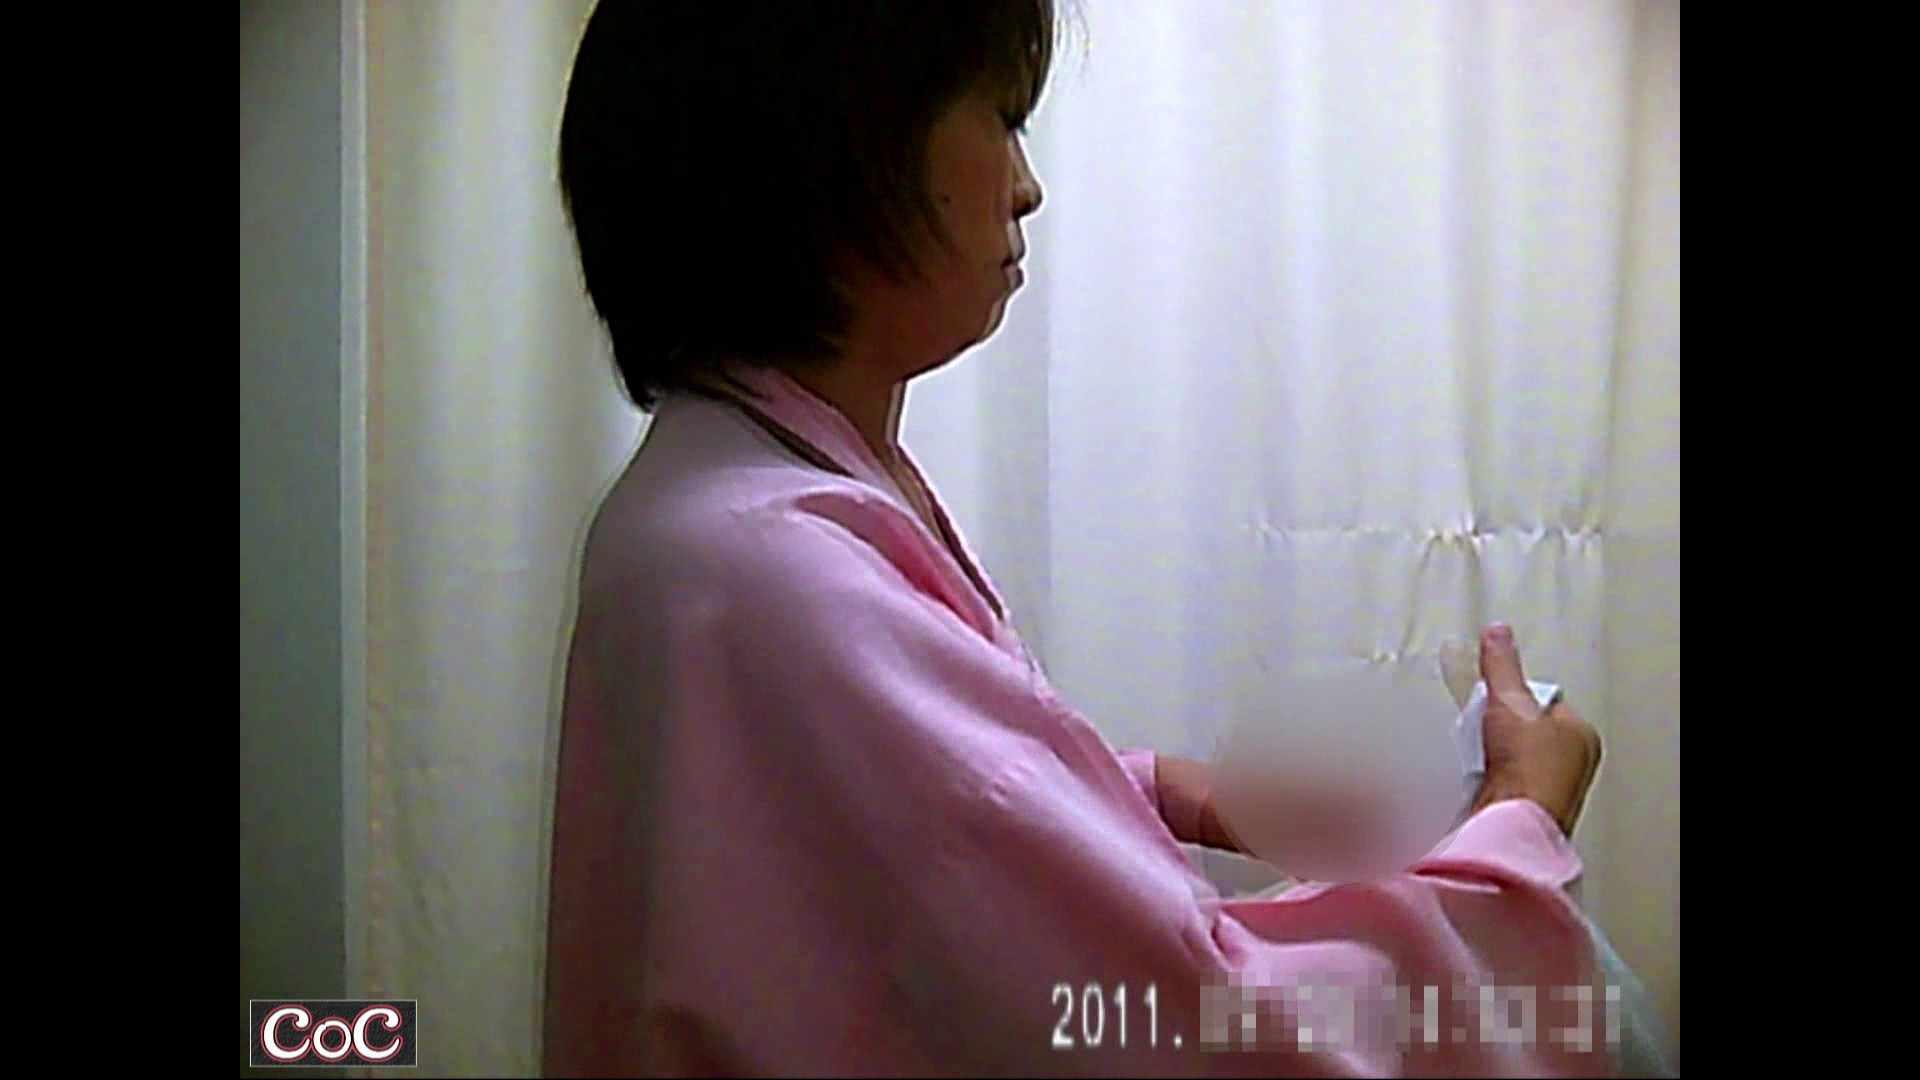 病院おもいっきり着替え! vol.28 盗撮 のぞき動画画像 72pic 66